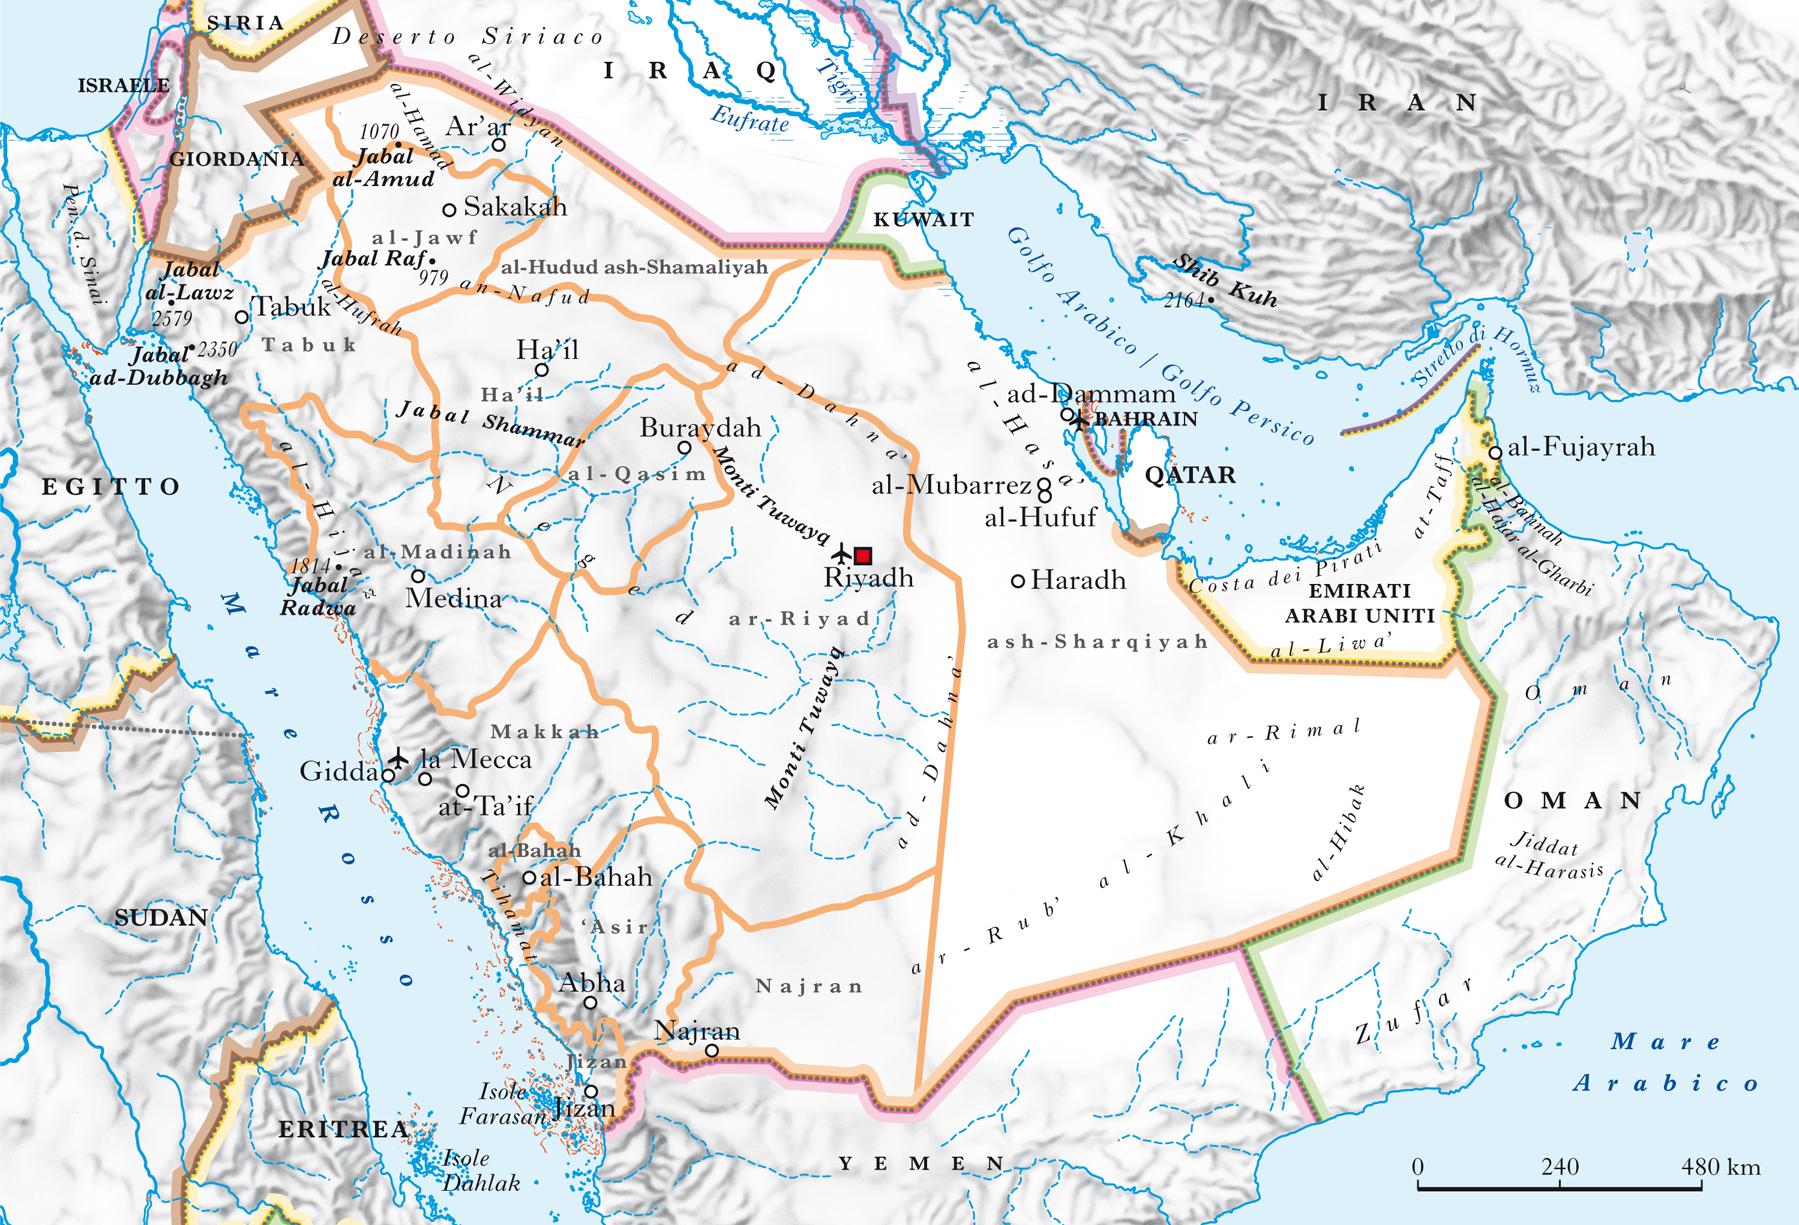 L'Arabia Saudita adotta il calendario gregoriano e si adegua all'Europa: è la prima volta nella storia